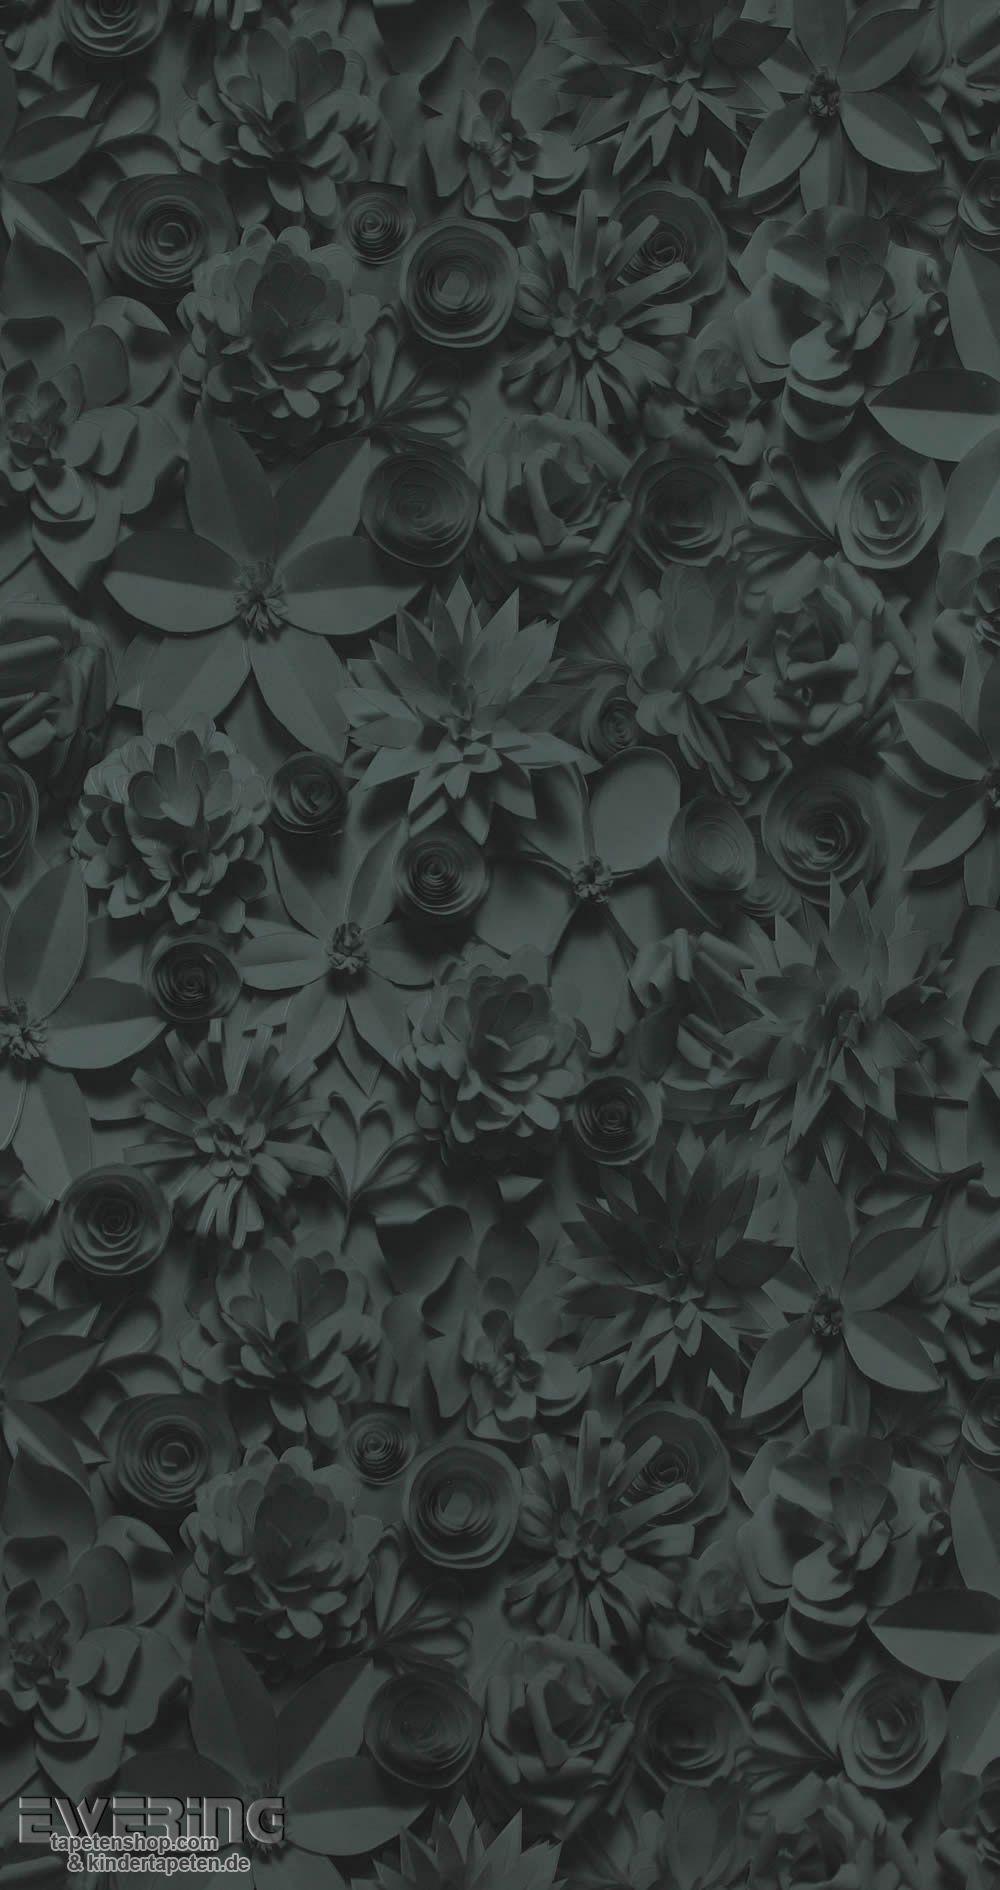 12 17342 Moods BN Tapeten Anthrazit Blüten Vliestapete Wohnzimmer